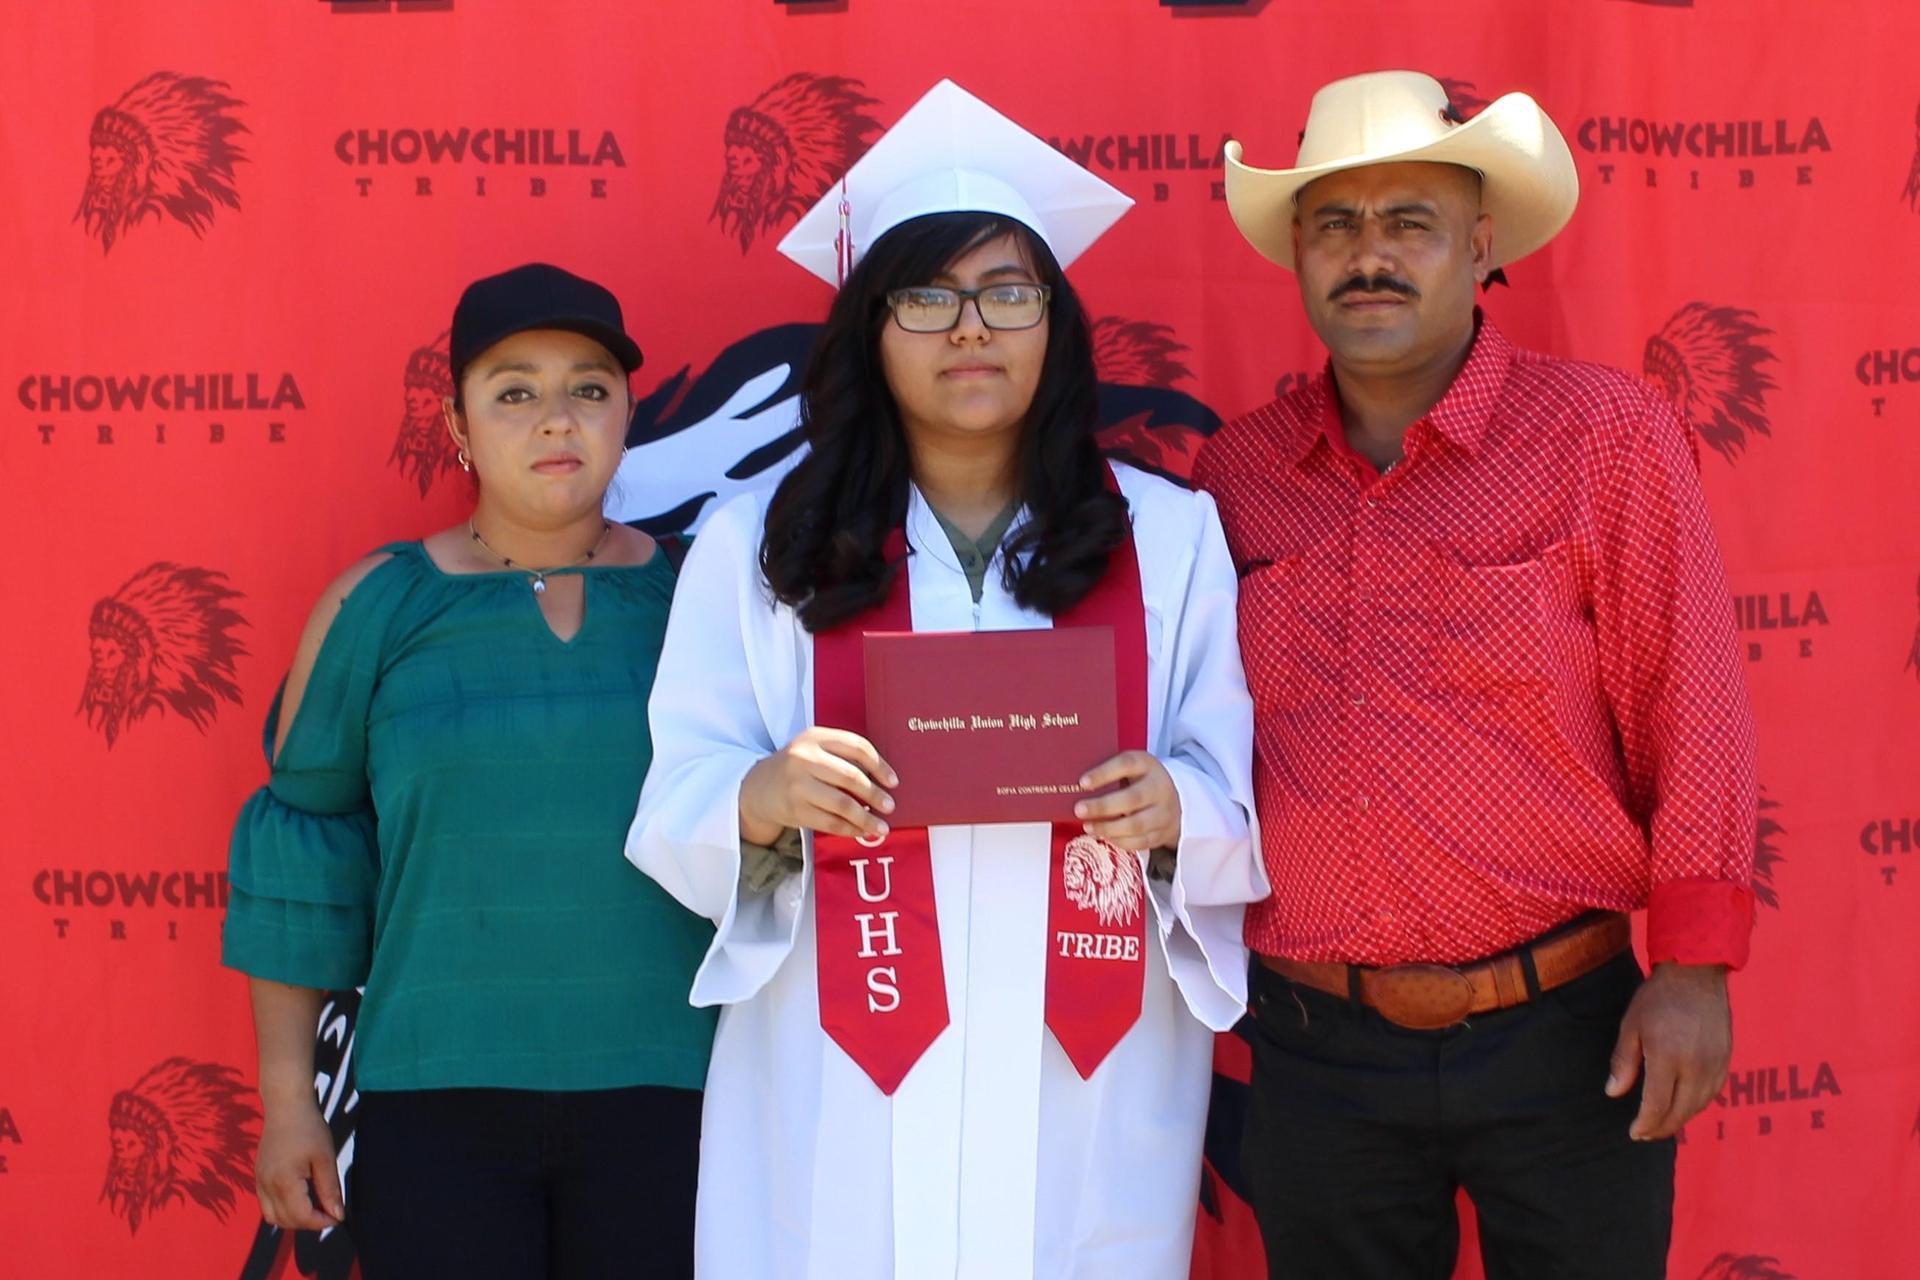 Sofia Contreras Celestino and family